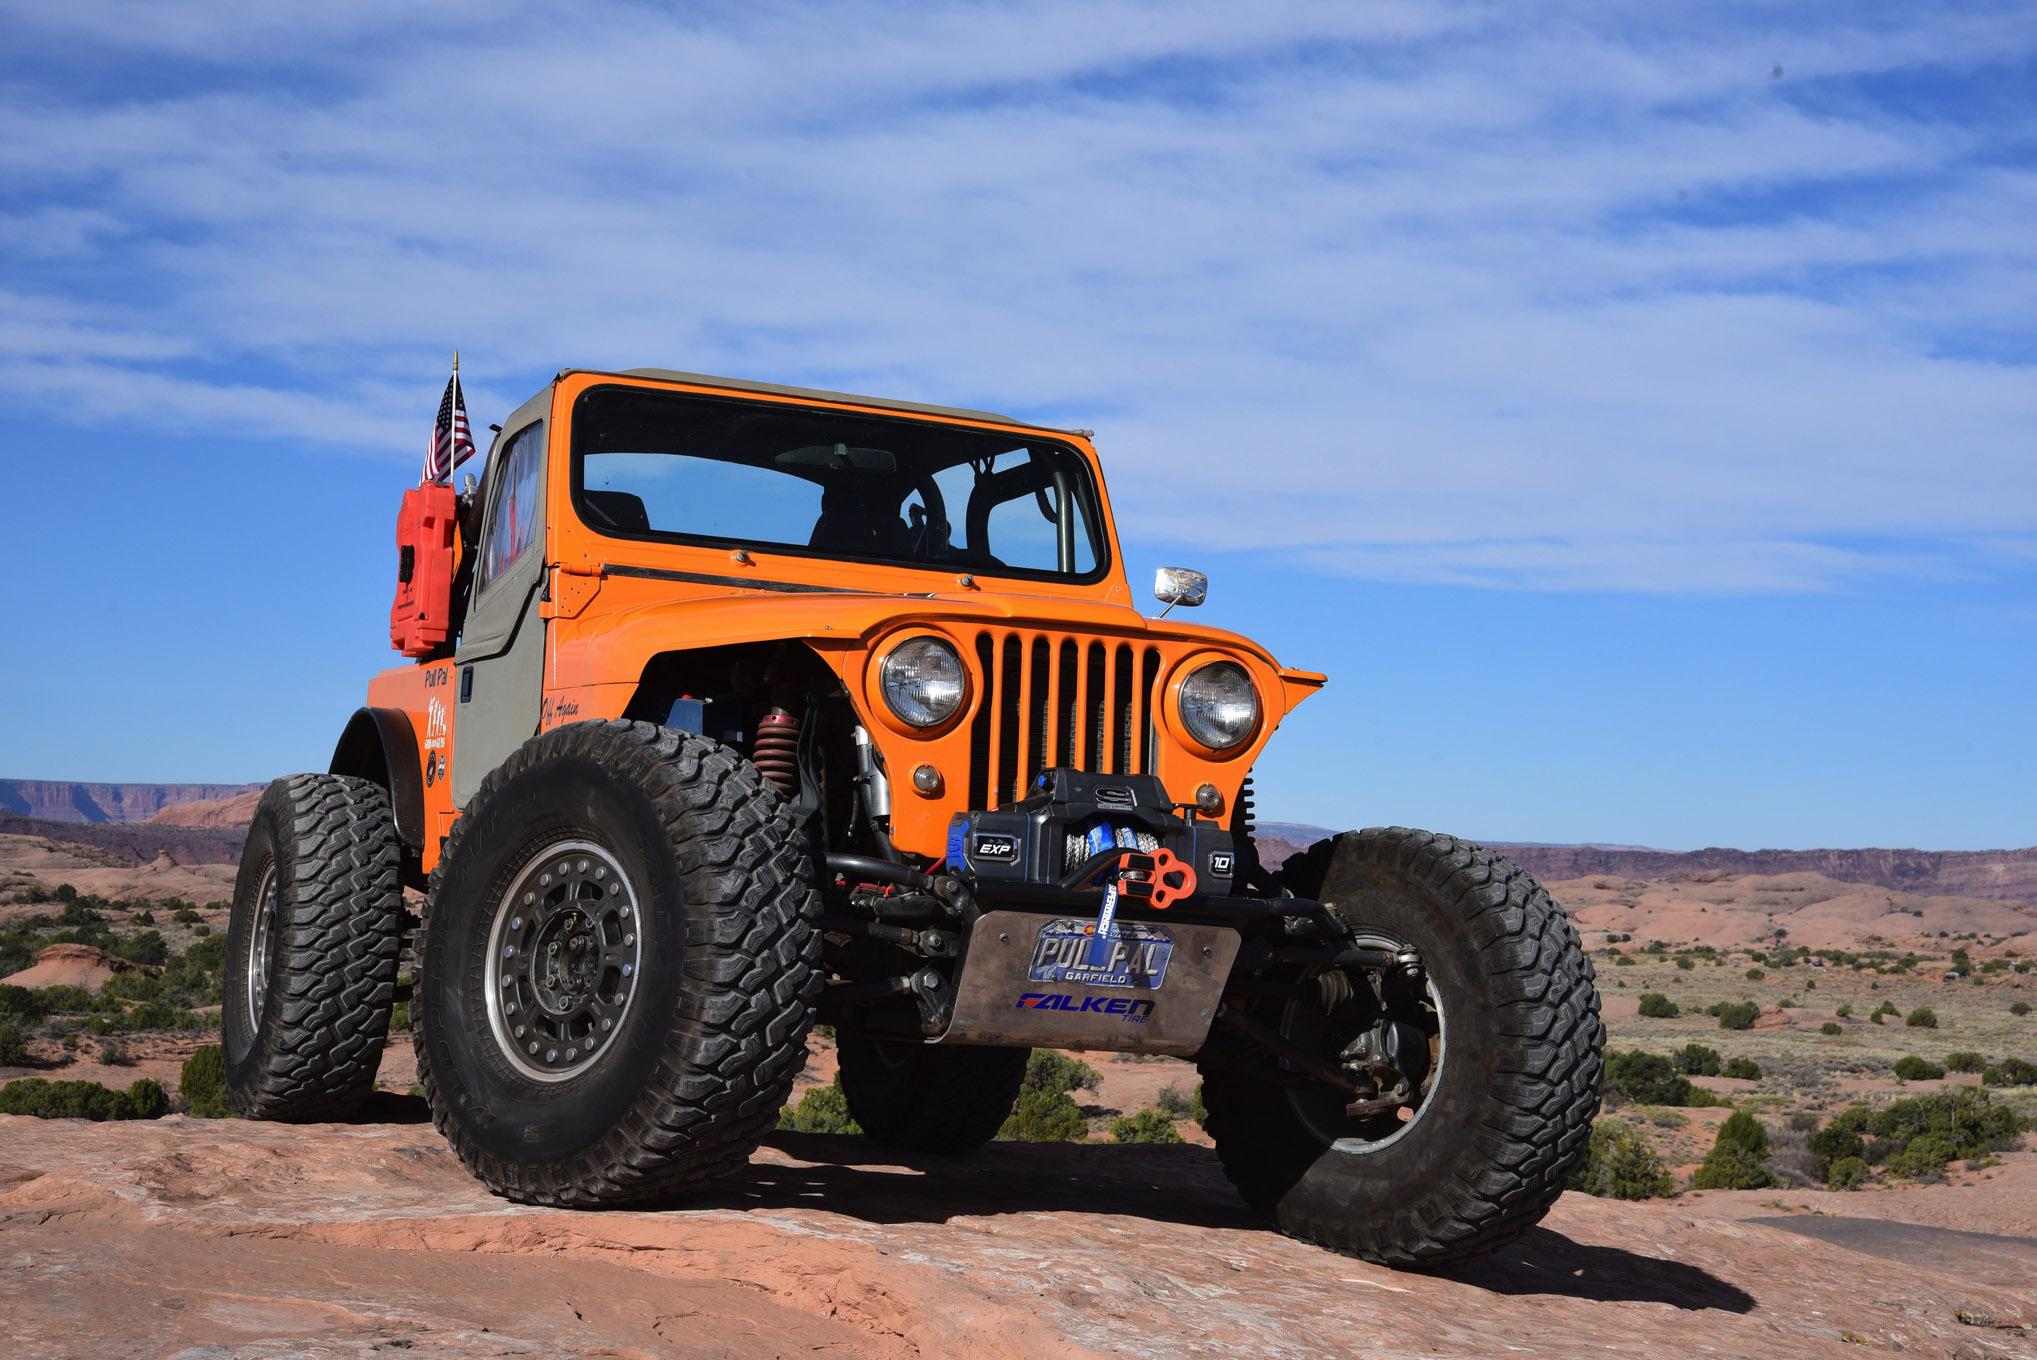 002 jeep 1976 cj7 hummer h1 portal axles 5.0l v8